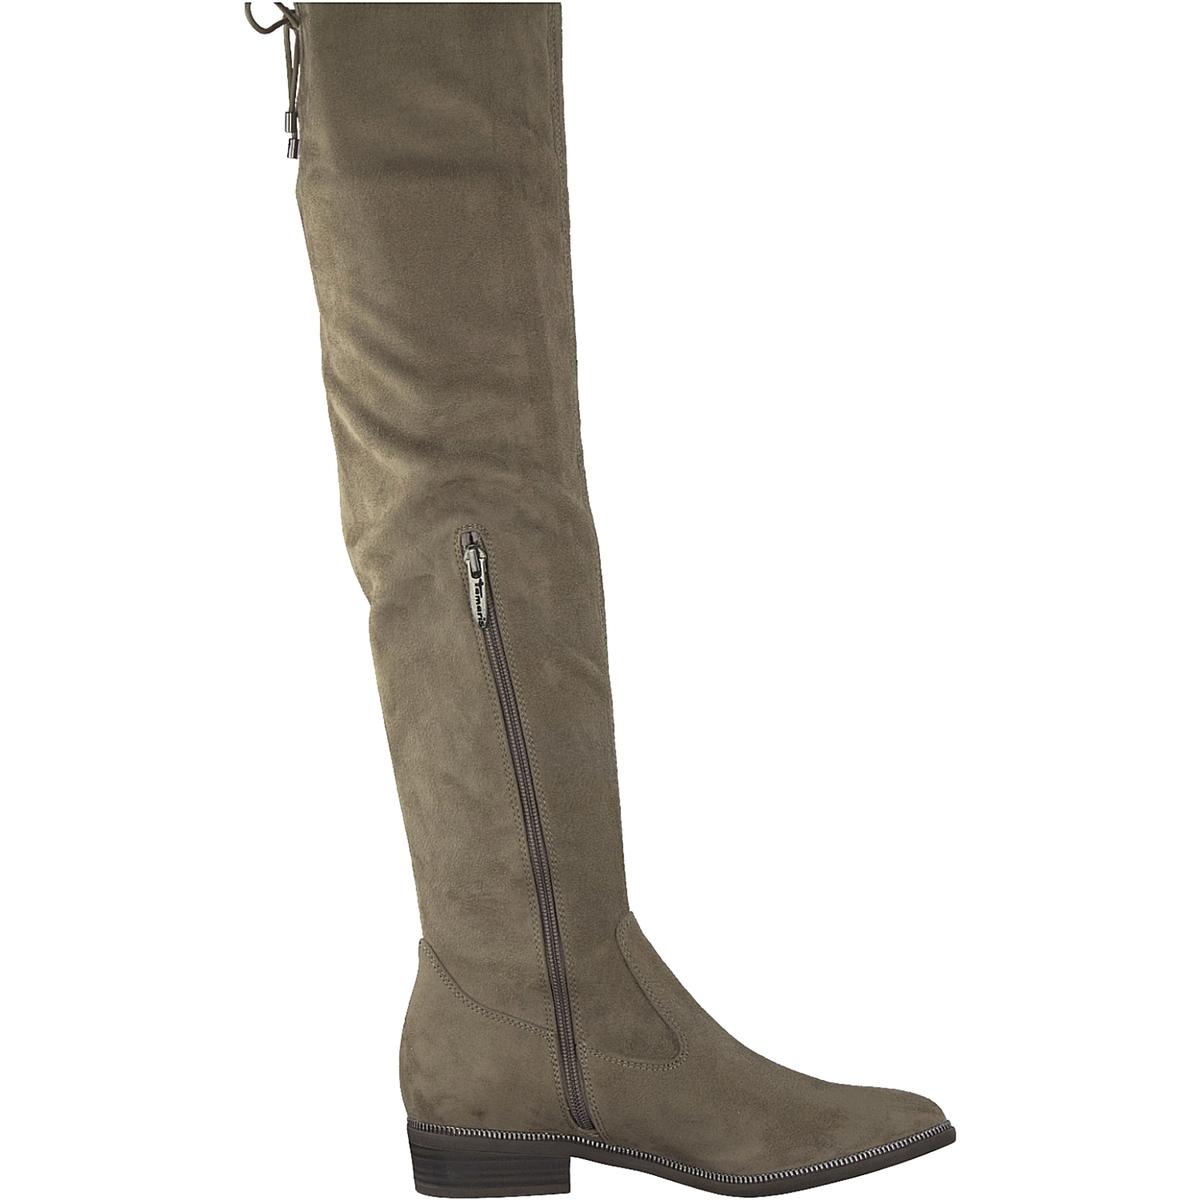 Сапоги-ботфорты PhanieДетали •  Ботфорты •  Широкий каблук •  Круглый мысок •  Застежка : на молнию •  Высота голенища : 53 см для размера 37 •  Высота каблука : 2,5 смСостав и уход •  Верх 100% текстиль •  Подкладка 50% синтетического материала, 50% текстиля •  Стелька 100% текстиль<br><br>Цвет: серо-коричневый,черный<br>Размер: 40.36.37.39